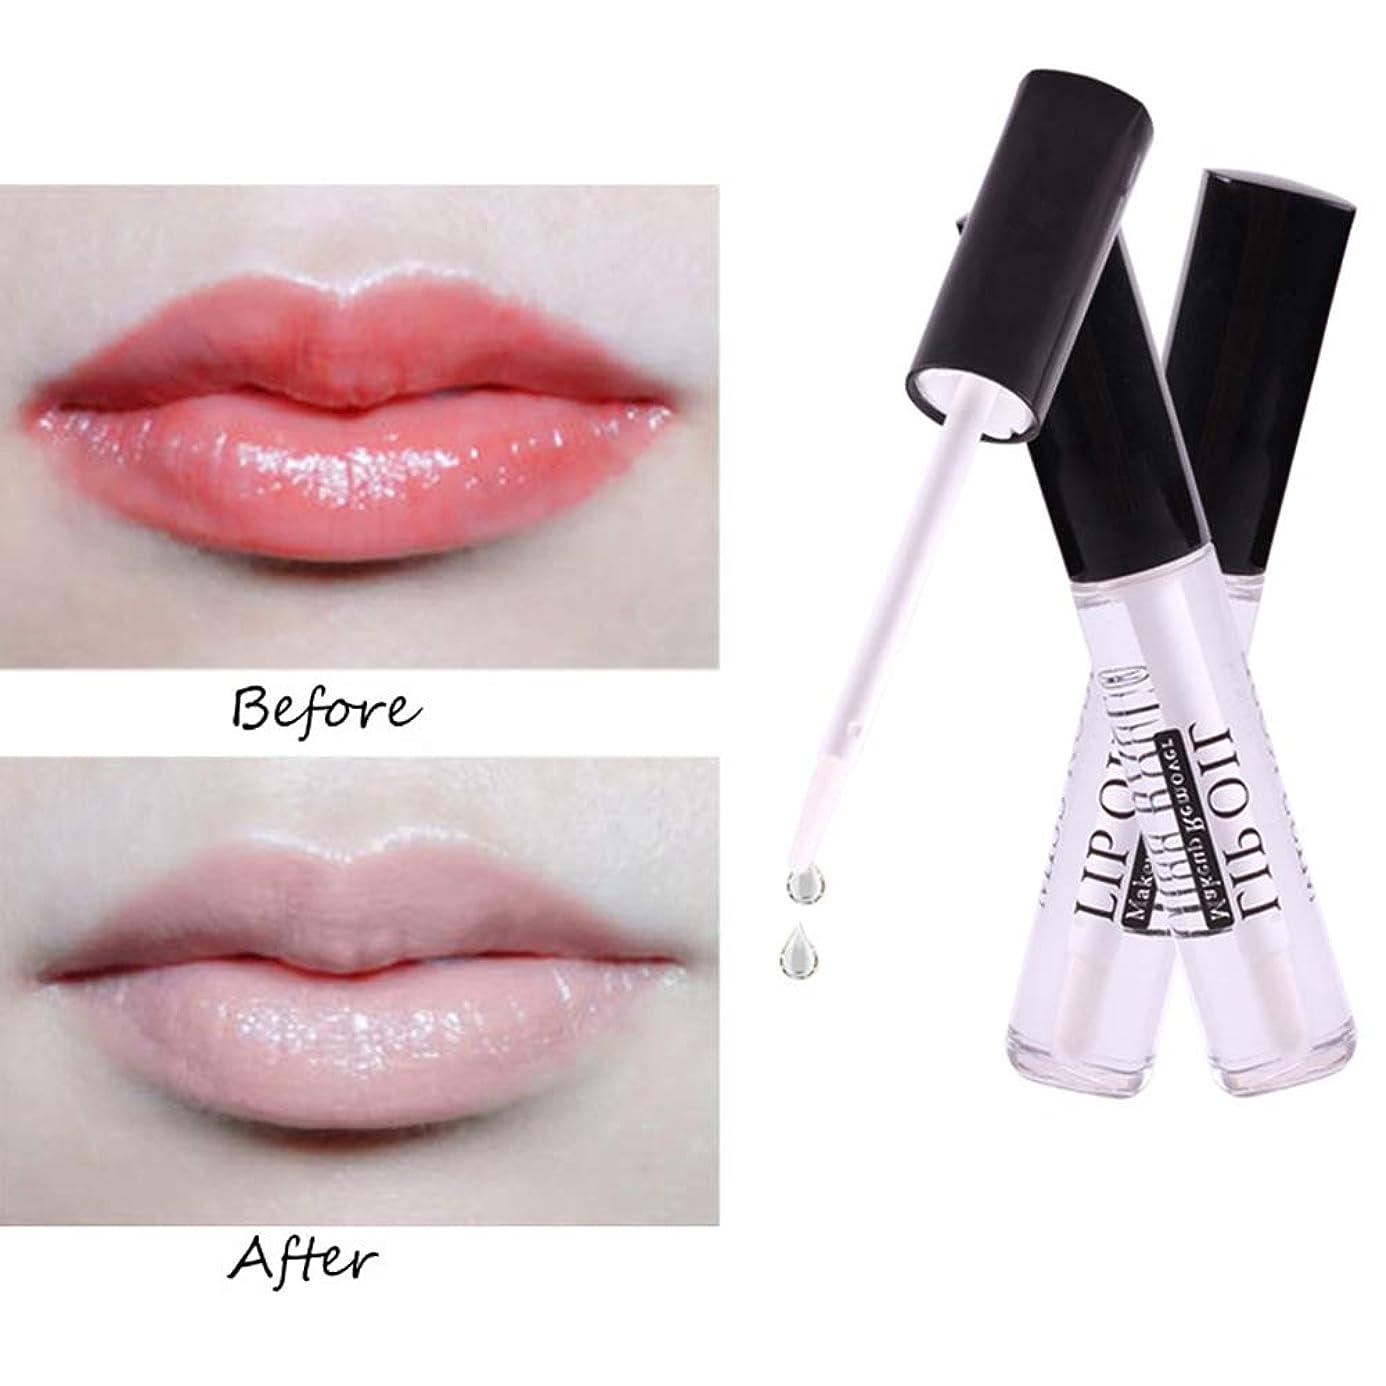 ムス買い手ジョージバーナードACHICOO クレンジングオイル リップグロス·リップスティック·口紅専用 唇 保湿 健康 プロ化粧